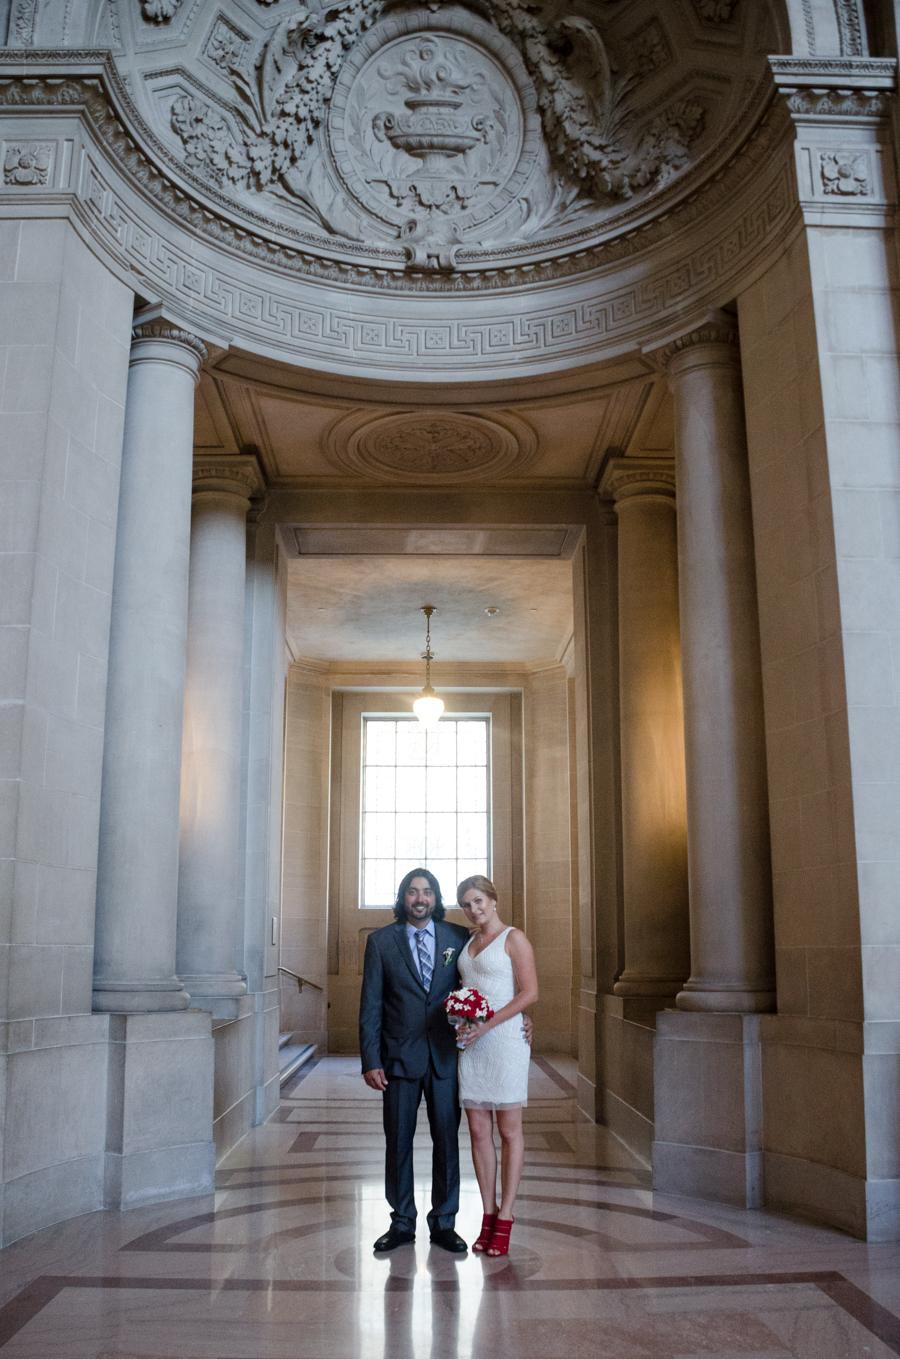 San Francisco City Hall Elopement San Francisco California Bruno and Natasha